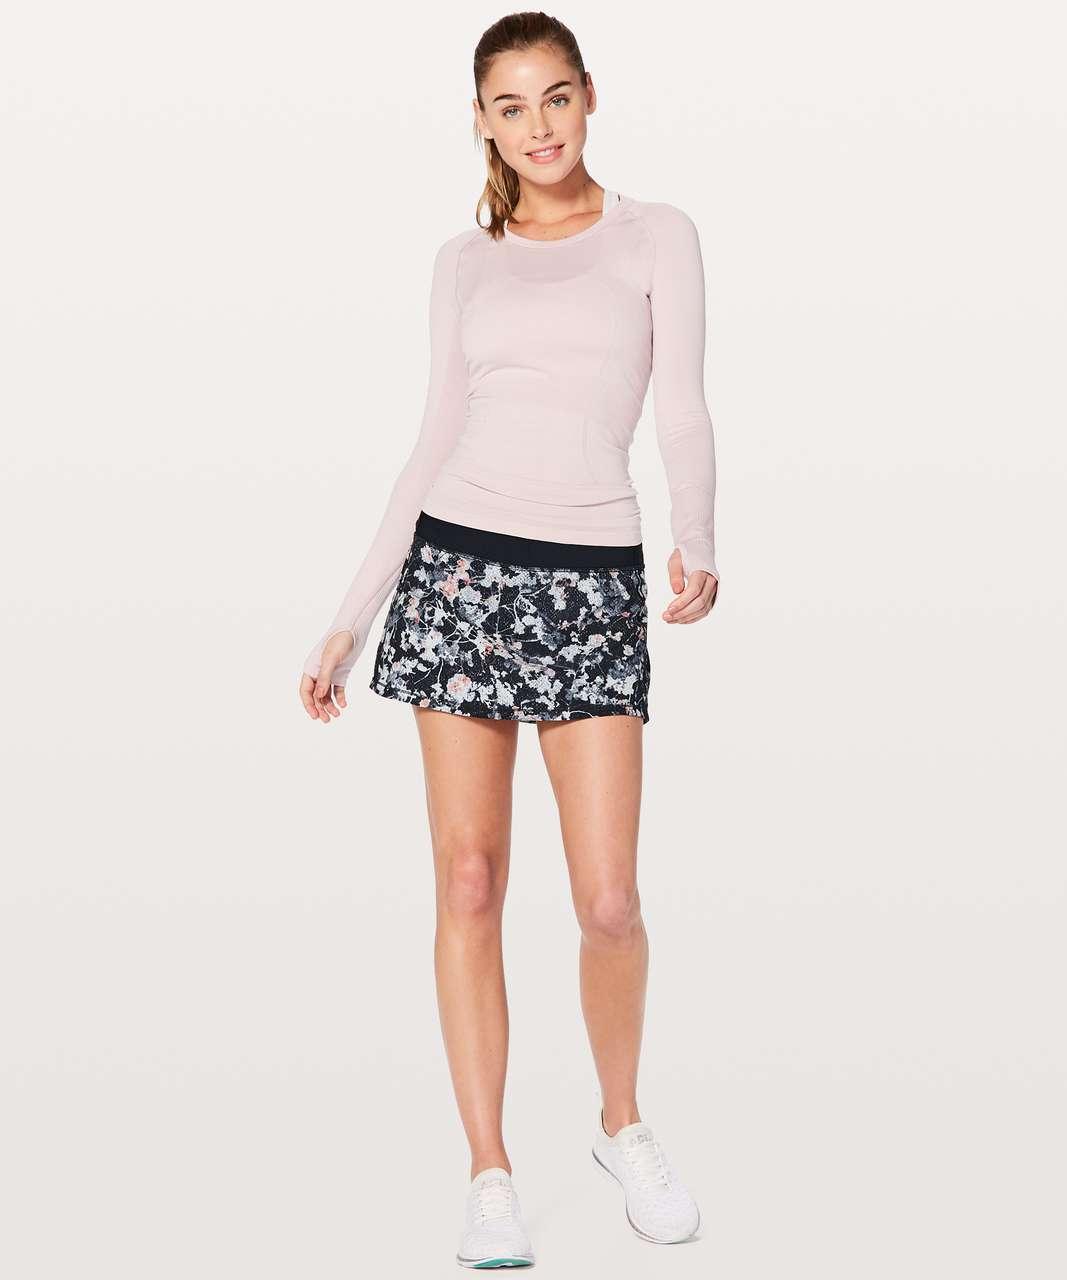 Lululemon Pace Rival Skirt (Regular) *No Panels - Spring Bloom Multi / Black